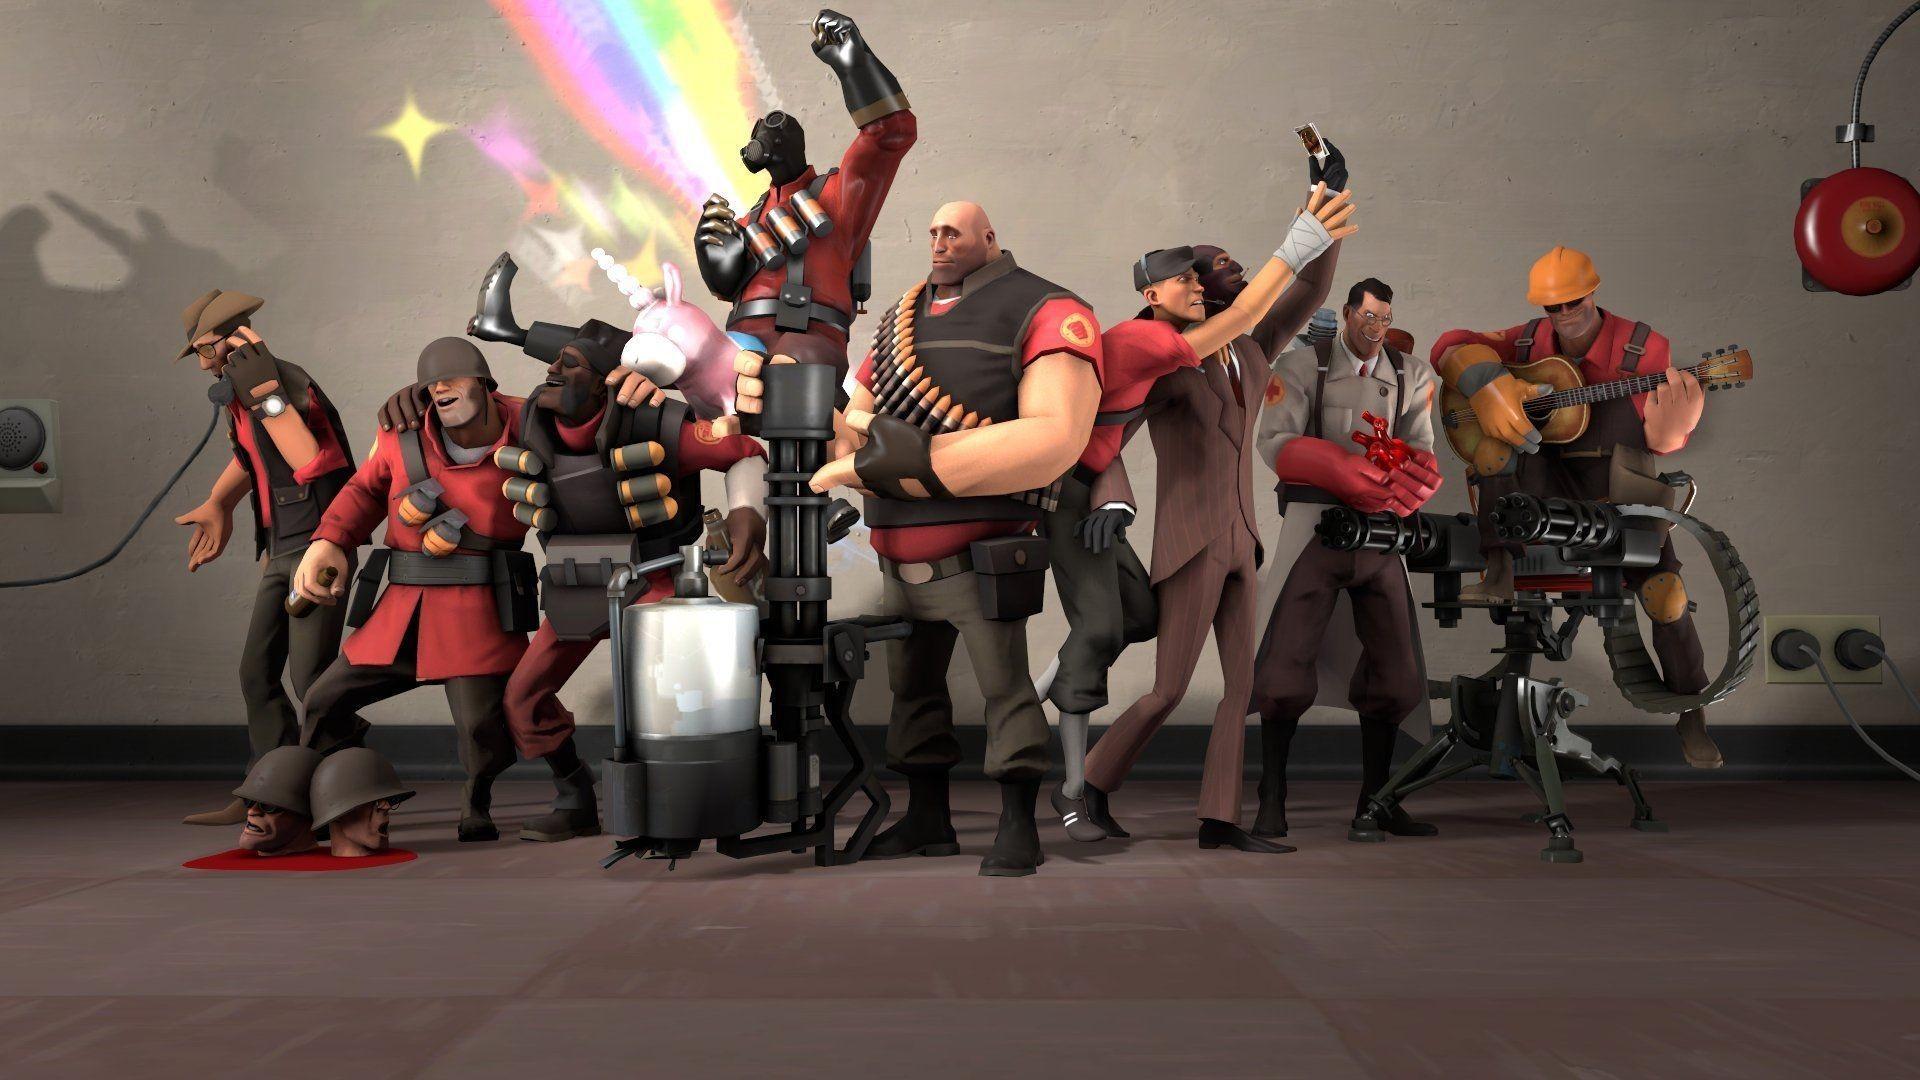 Team Fortress 2 HD Wallpaper